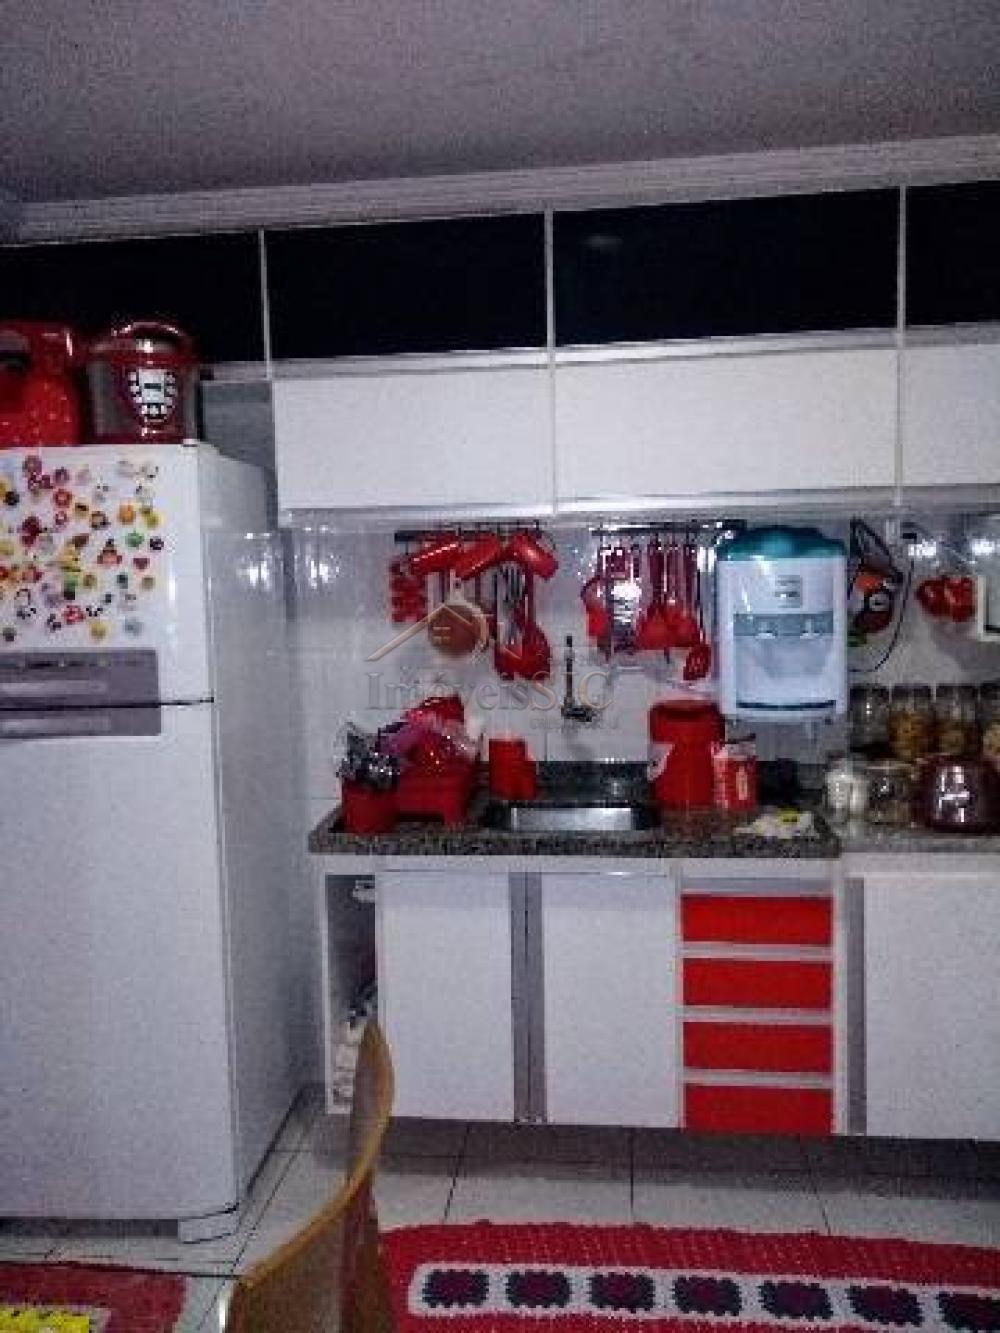 Comprar Casas / Condomínio em São José dos Campos apenas R$ 175.000,00 - Foto 5